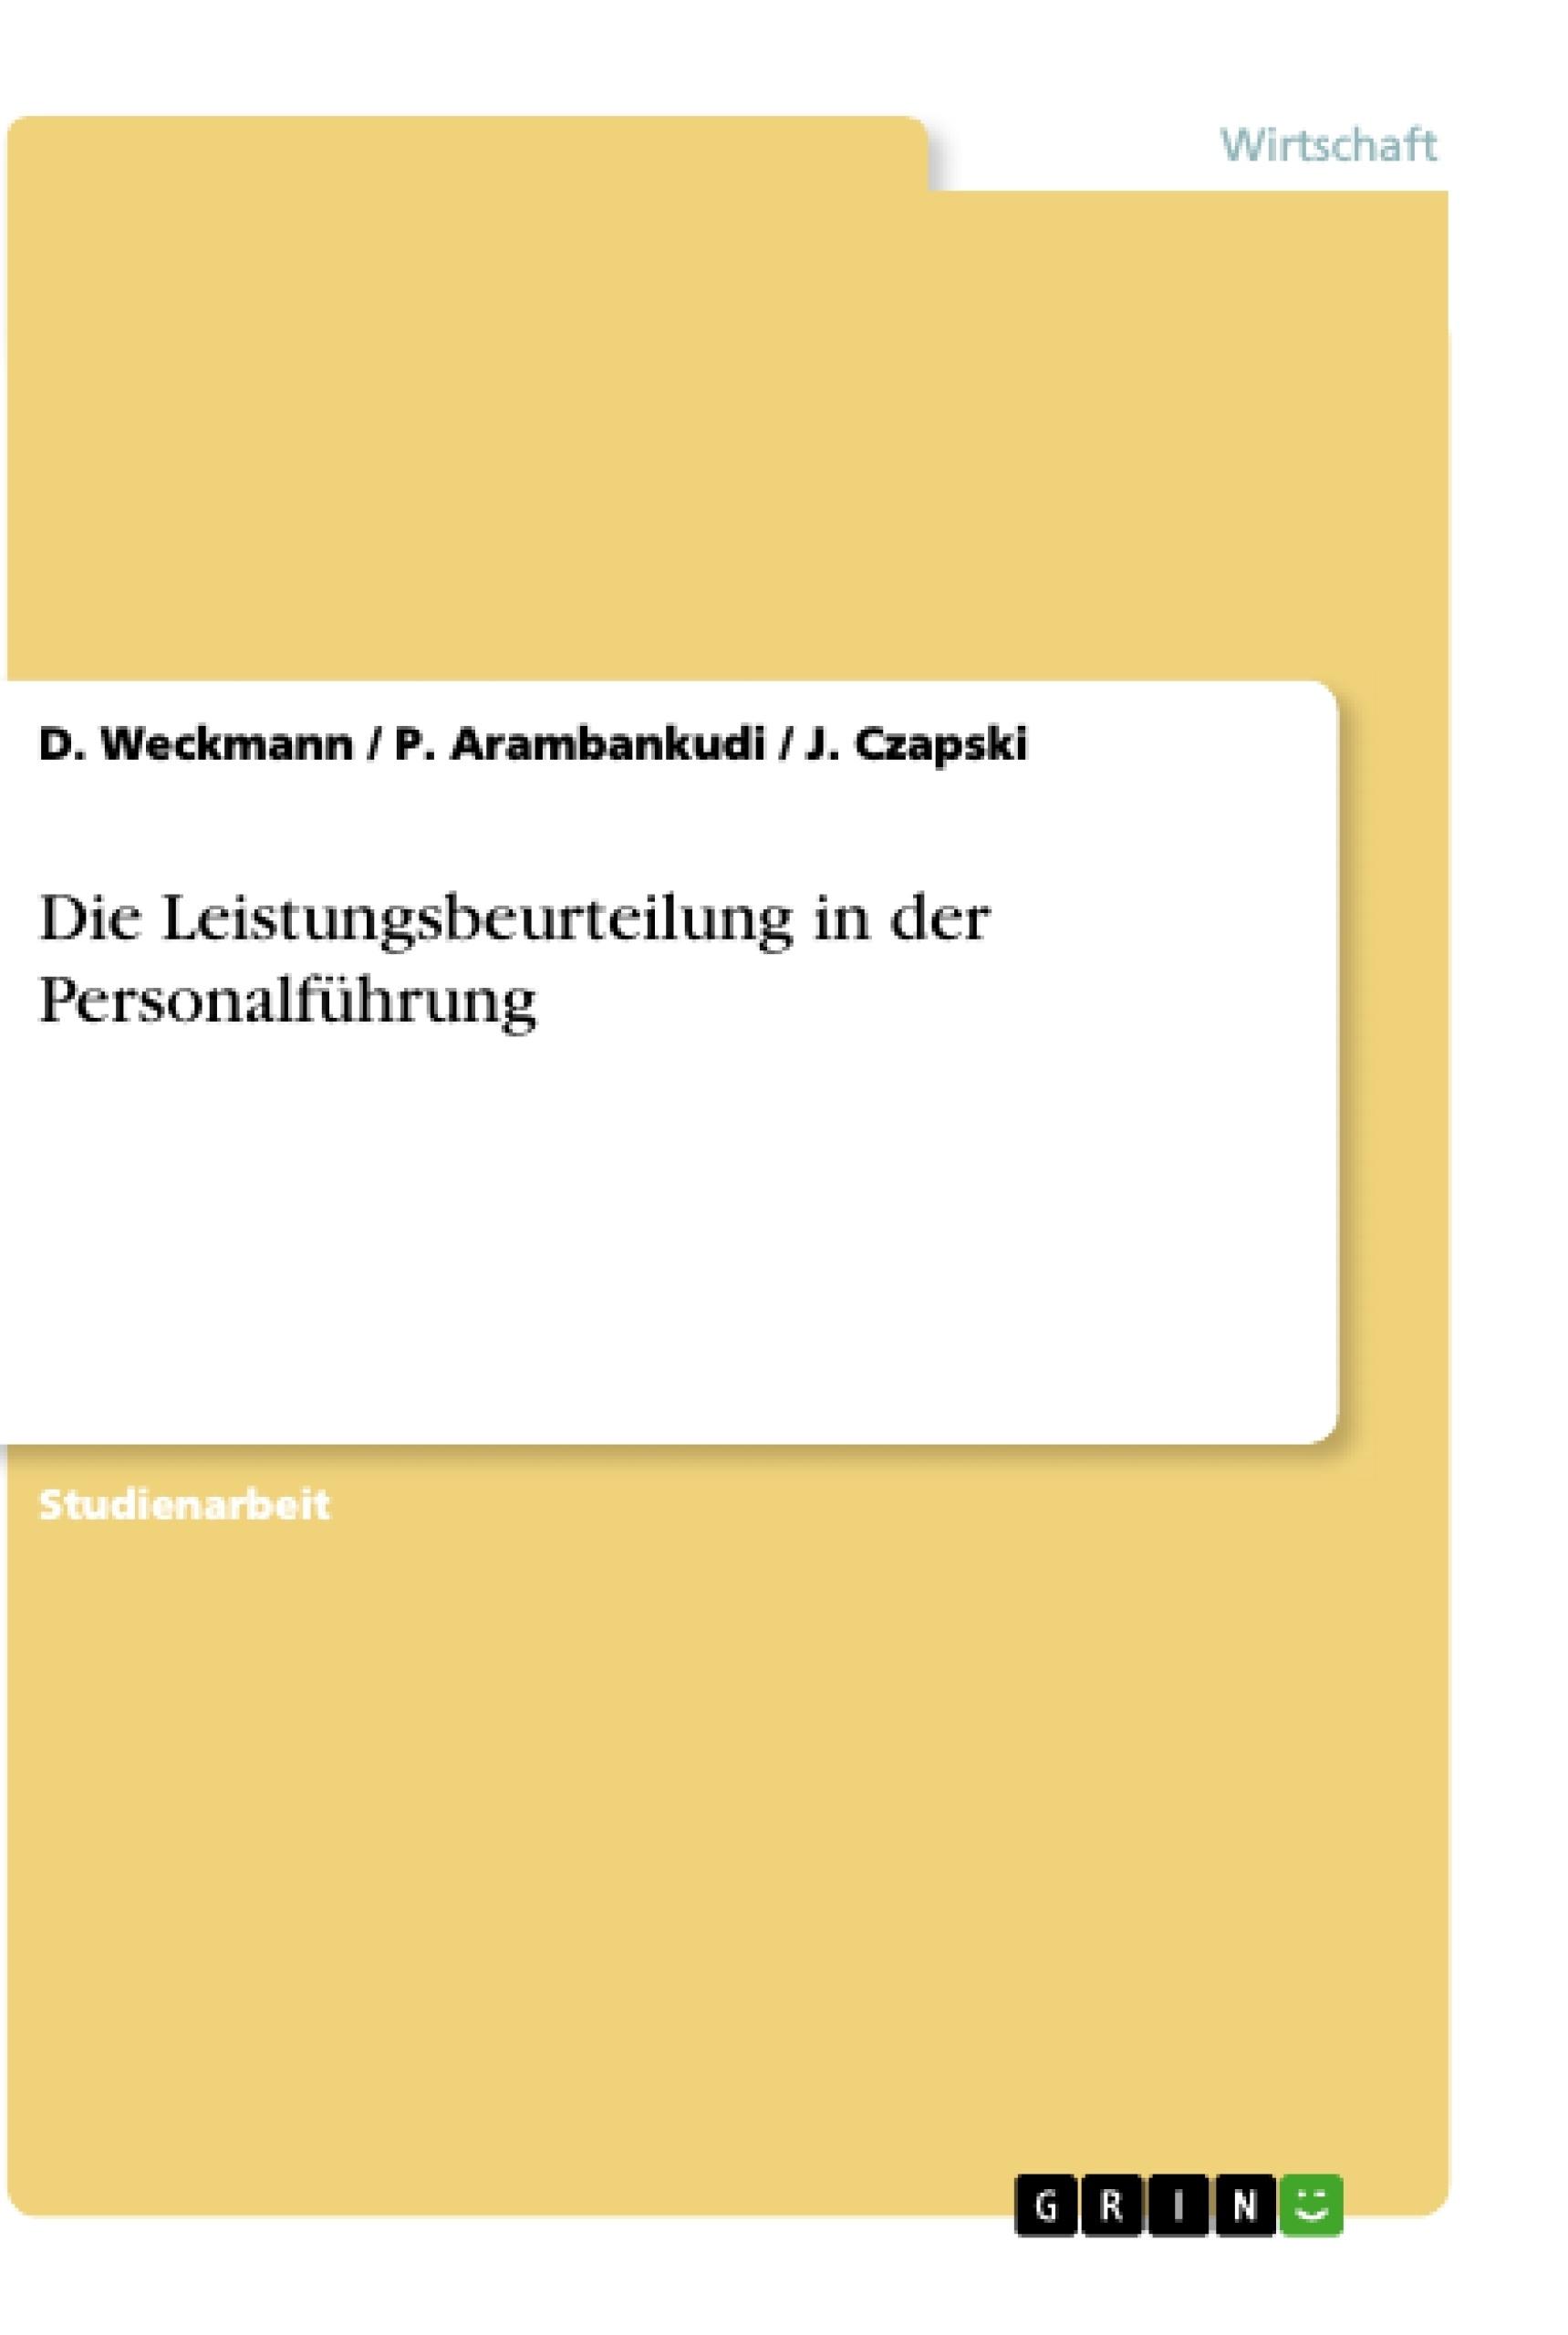 Die Leistungsbeurteilung in der Personalführung | Masterarbeit ...